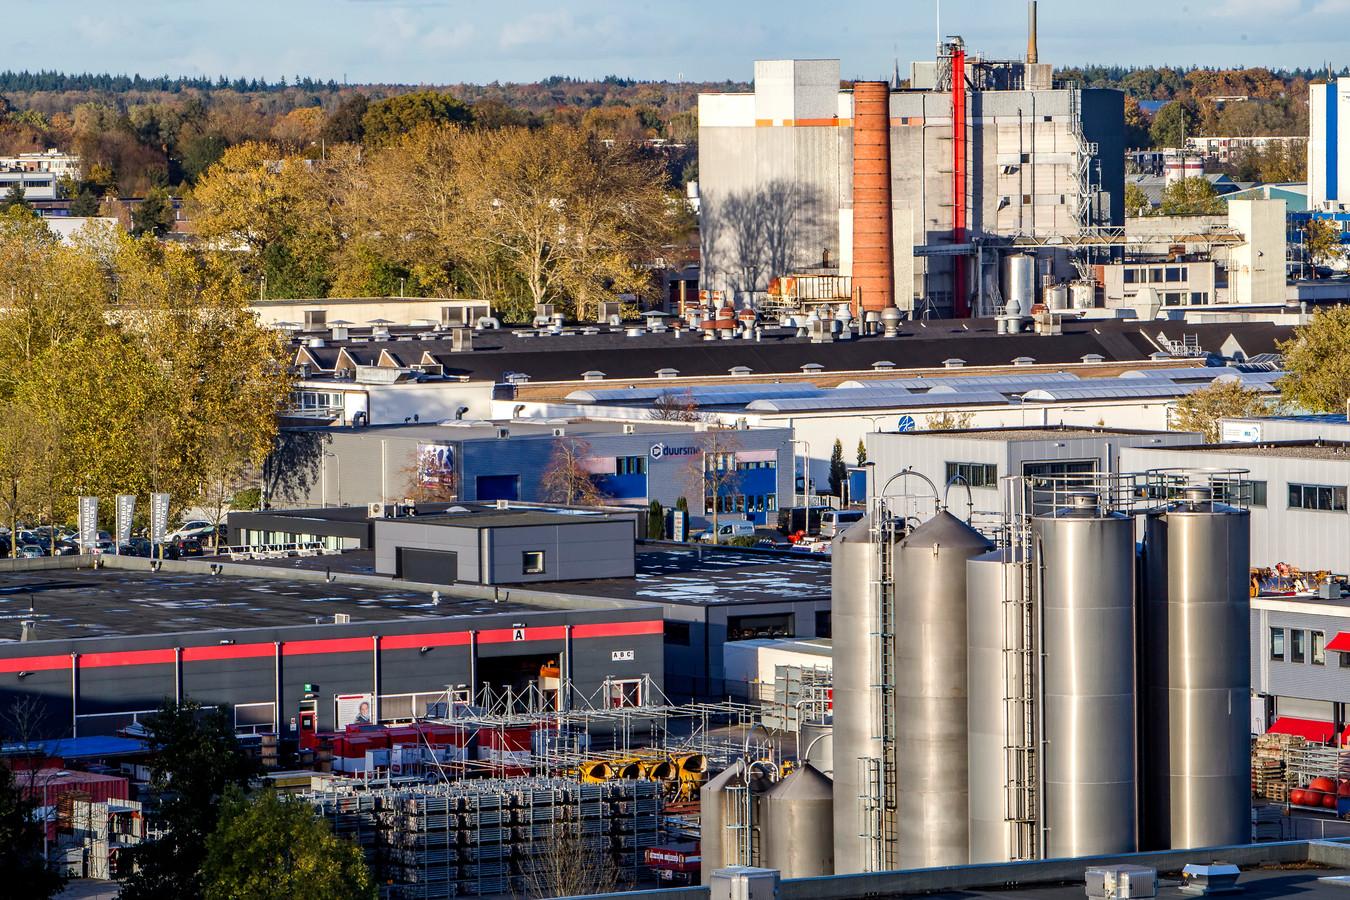 Industriegebied Kloosterlanden in Deventer. De regionale economische groei komt voor een belangrijk deel door de industrie.